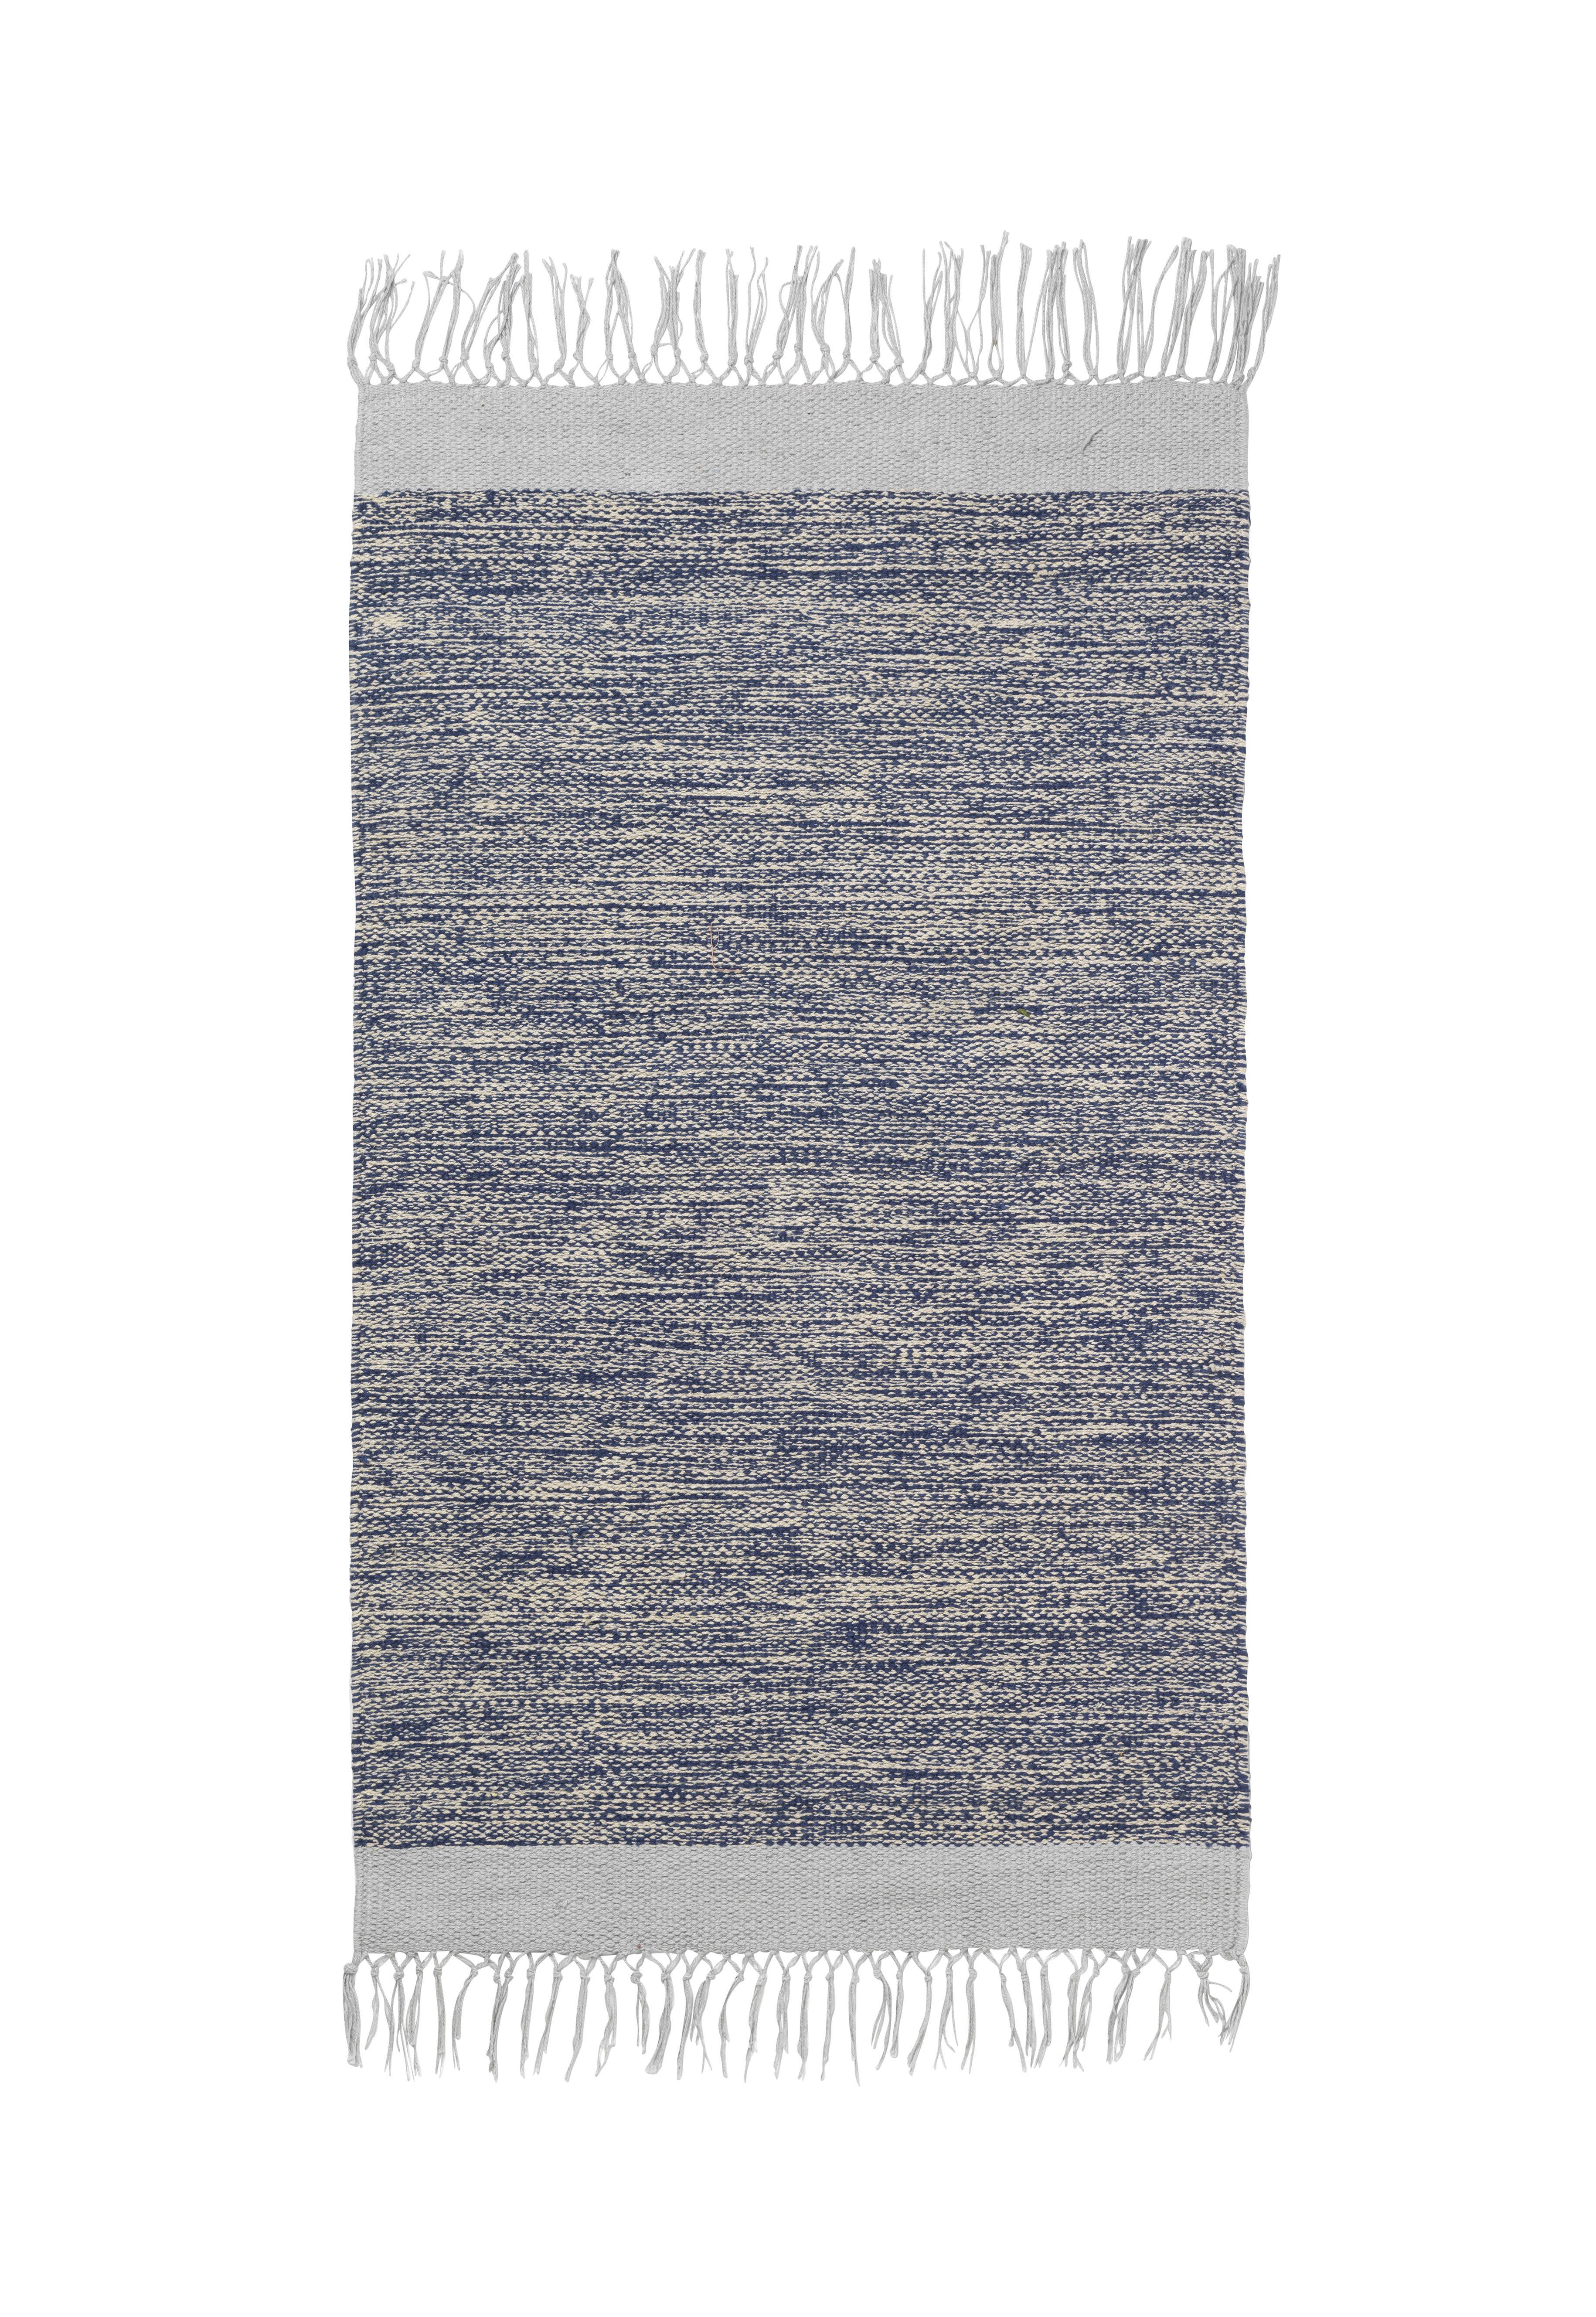 Dekoration - Teppiche - Melange Teppich / 60 x 100 cm - handgewebt - Ferm Living - Blau - 100% Baumwolle